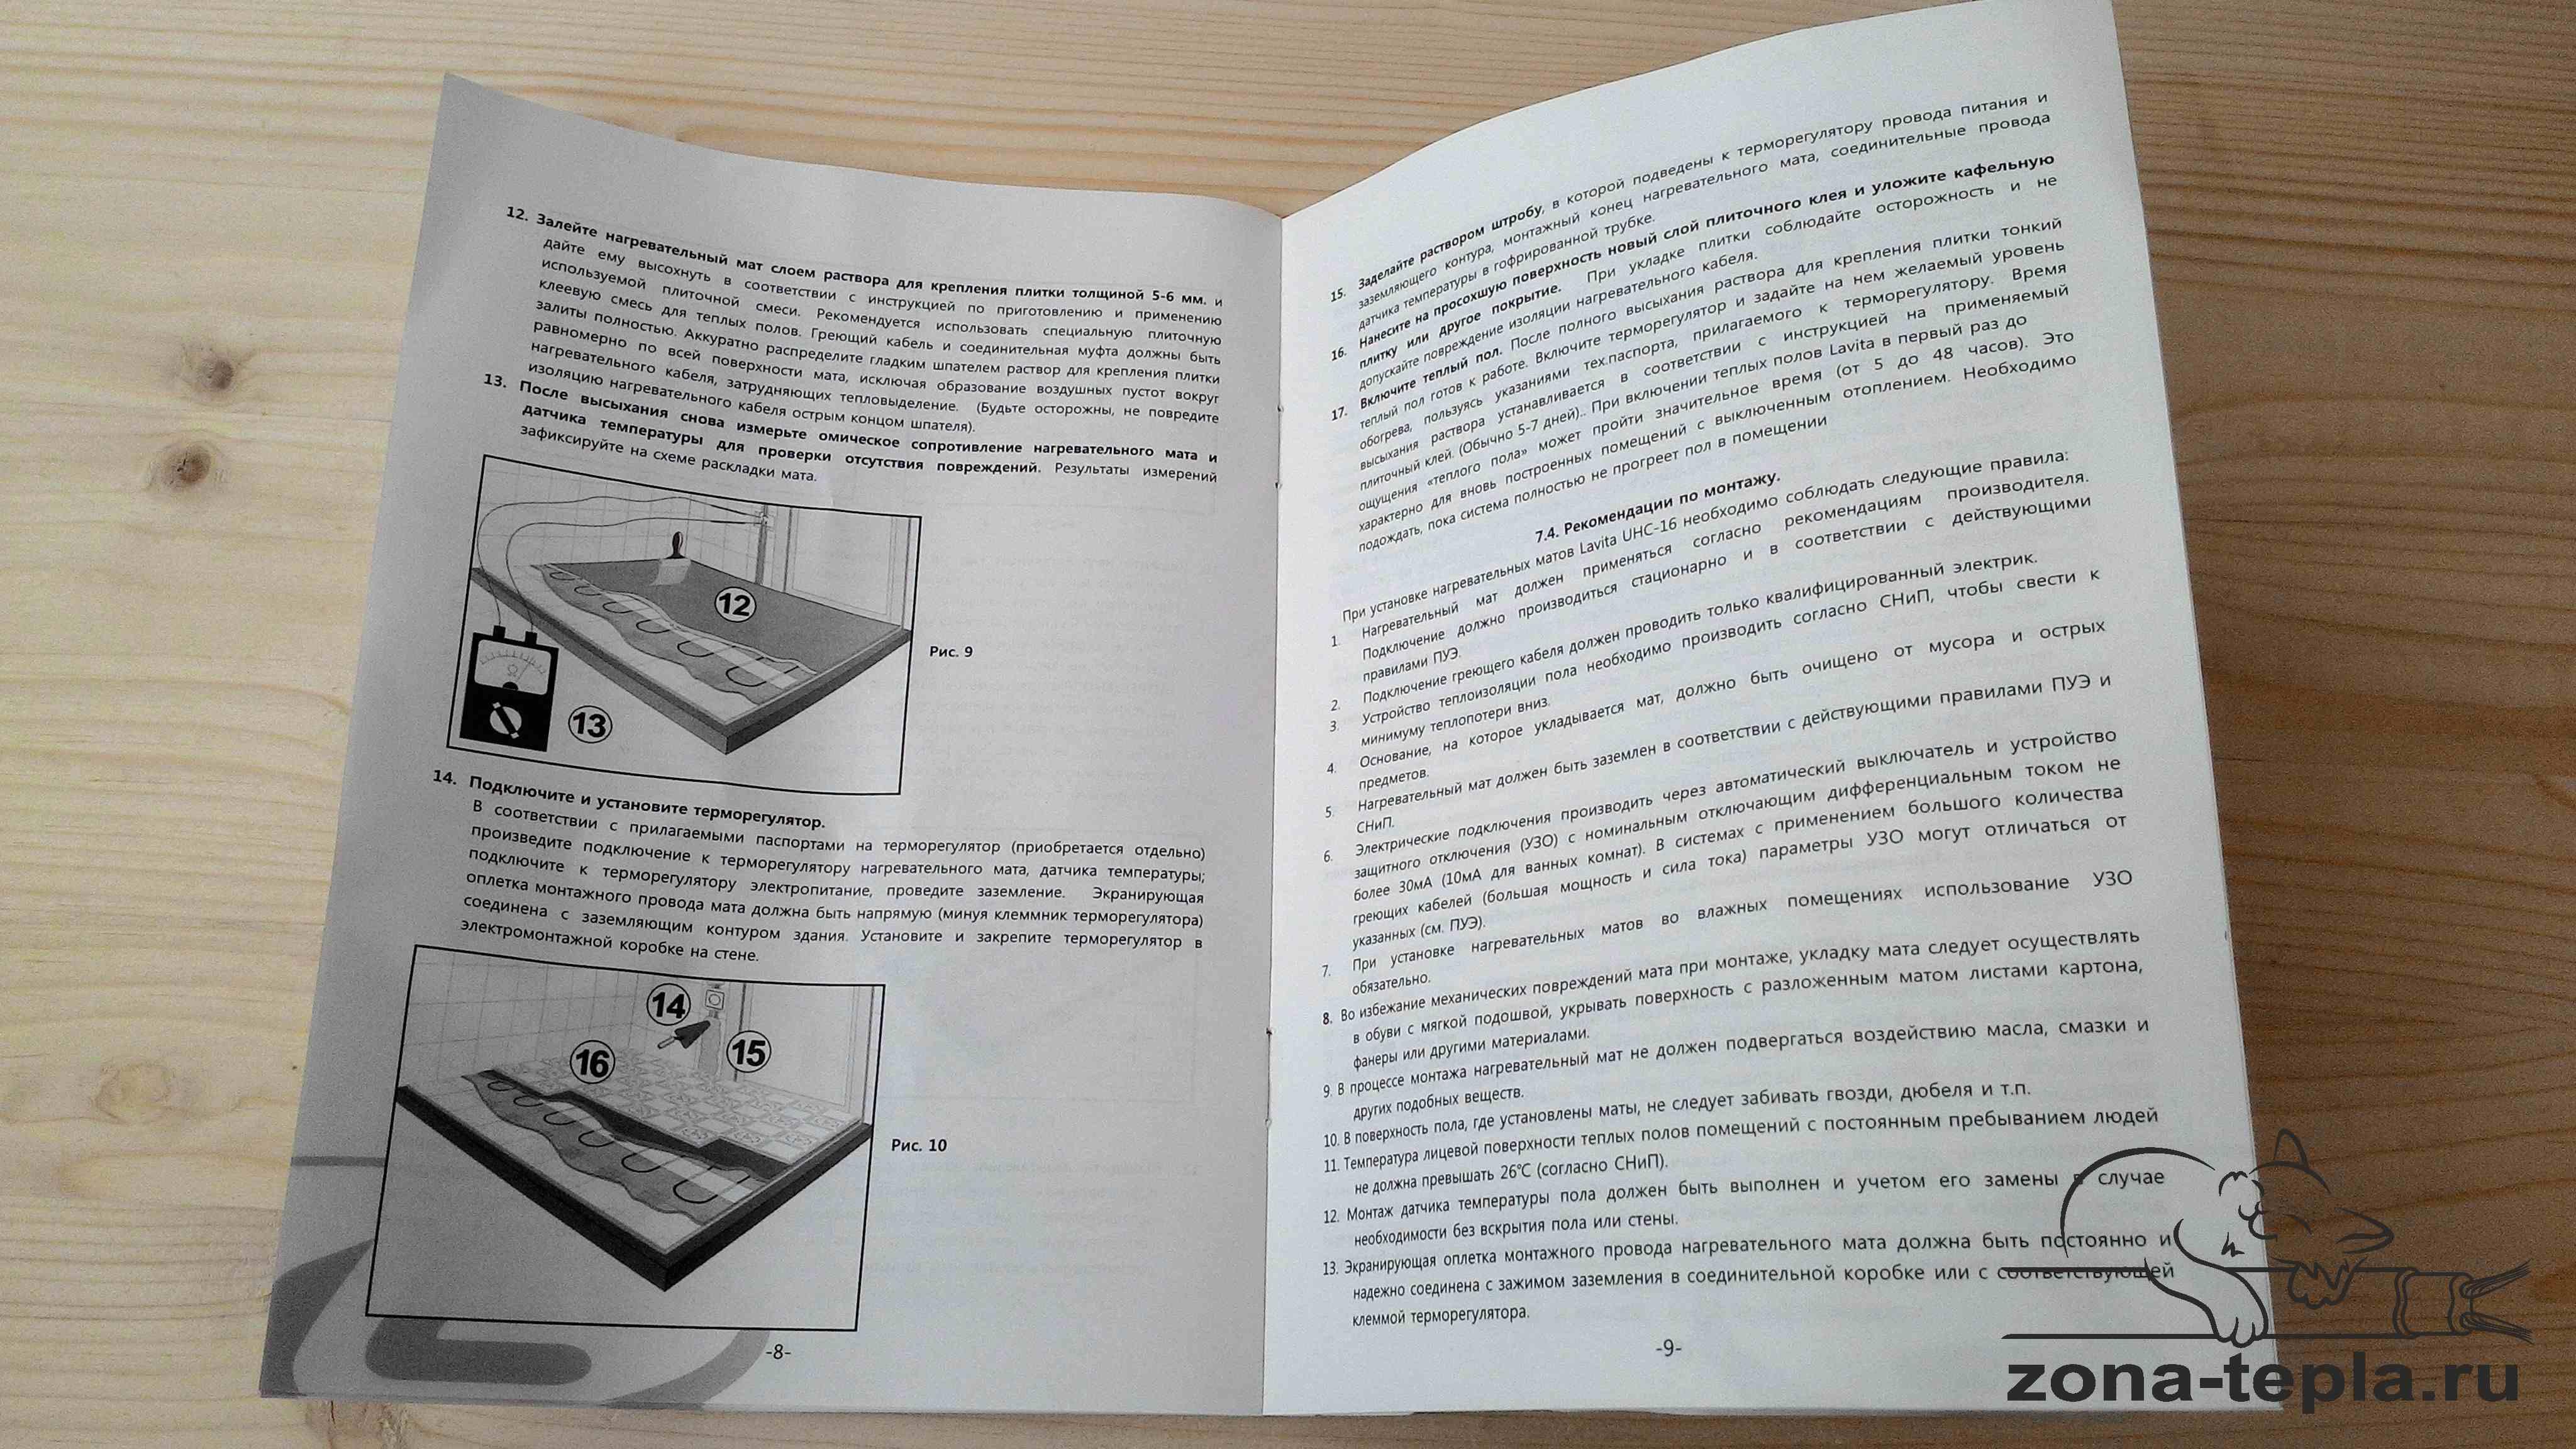 Теплый пол под плитку электрический Лавита-инструкция